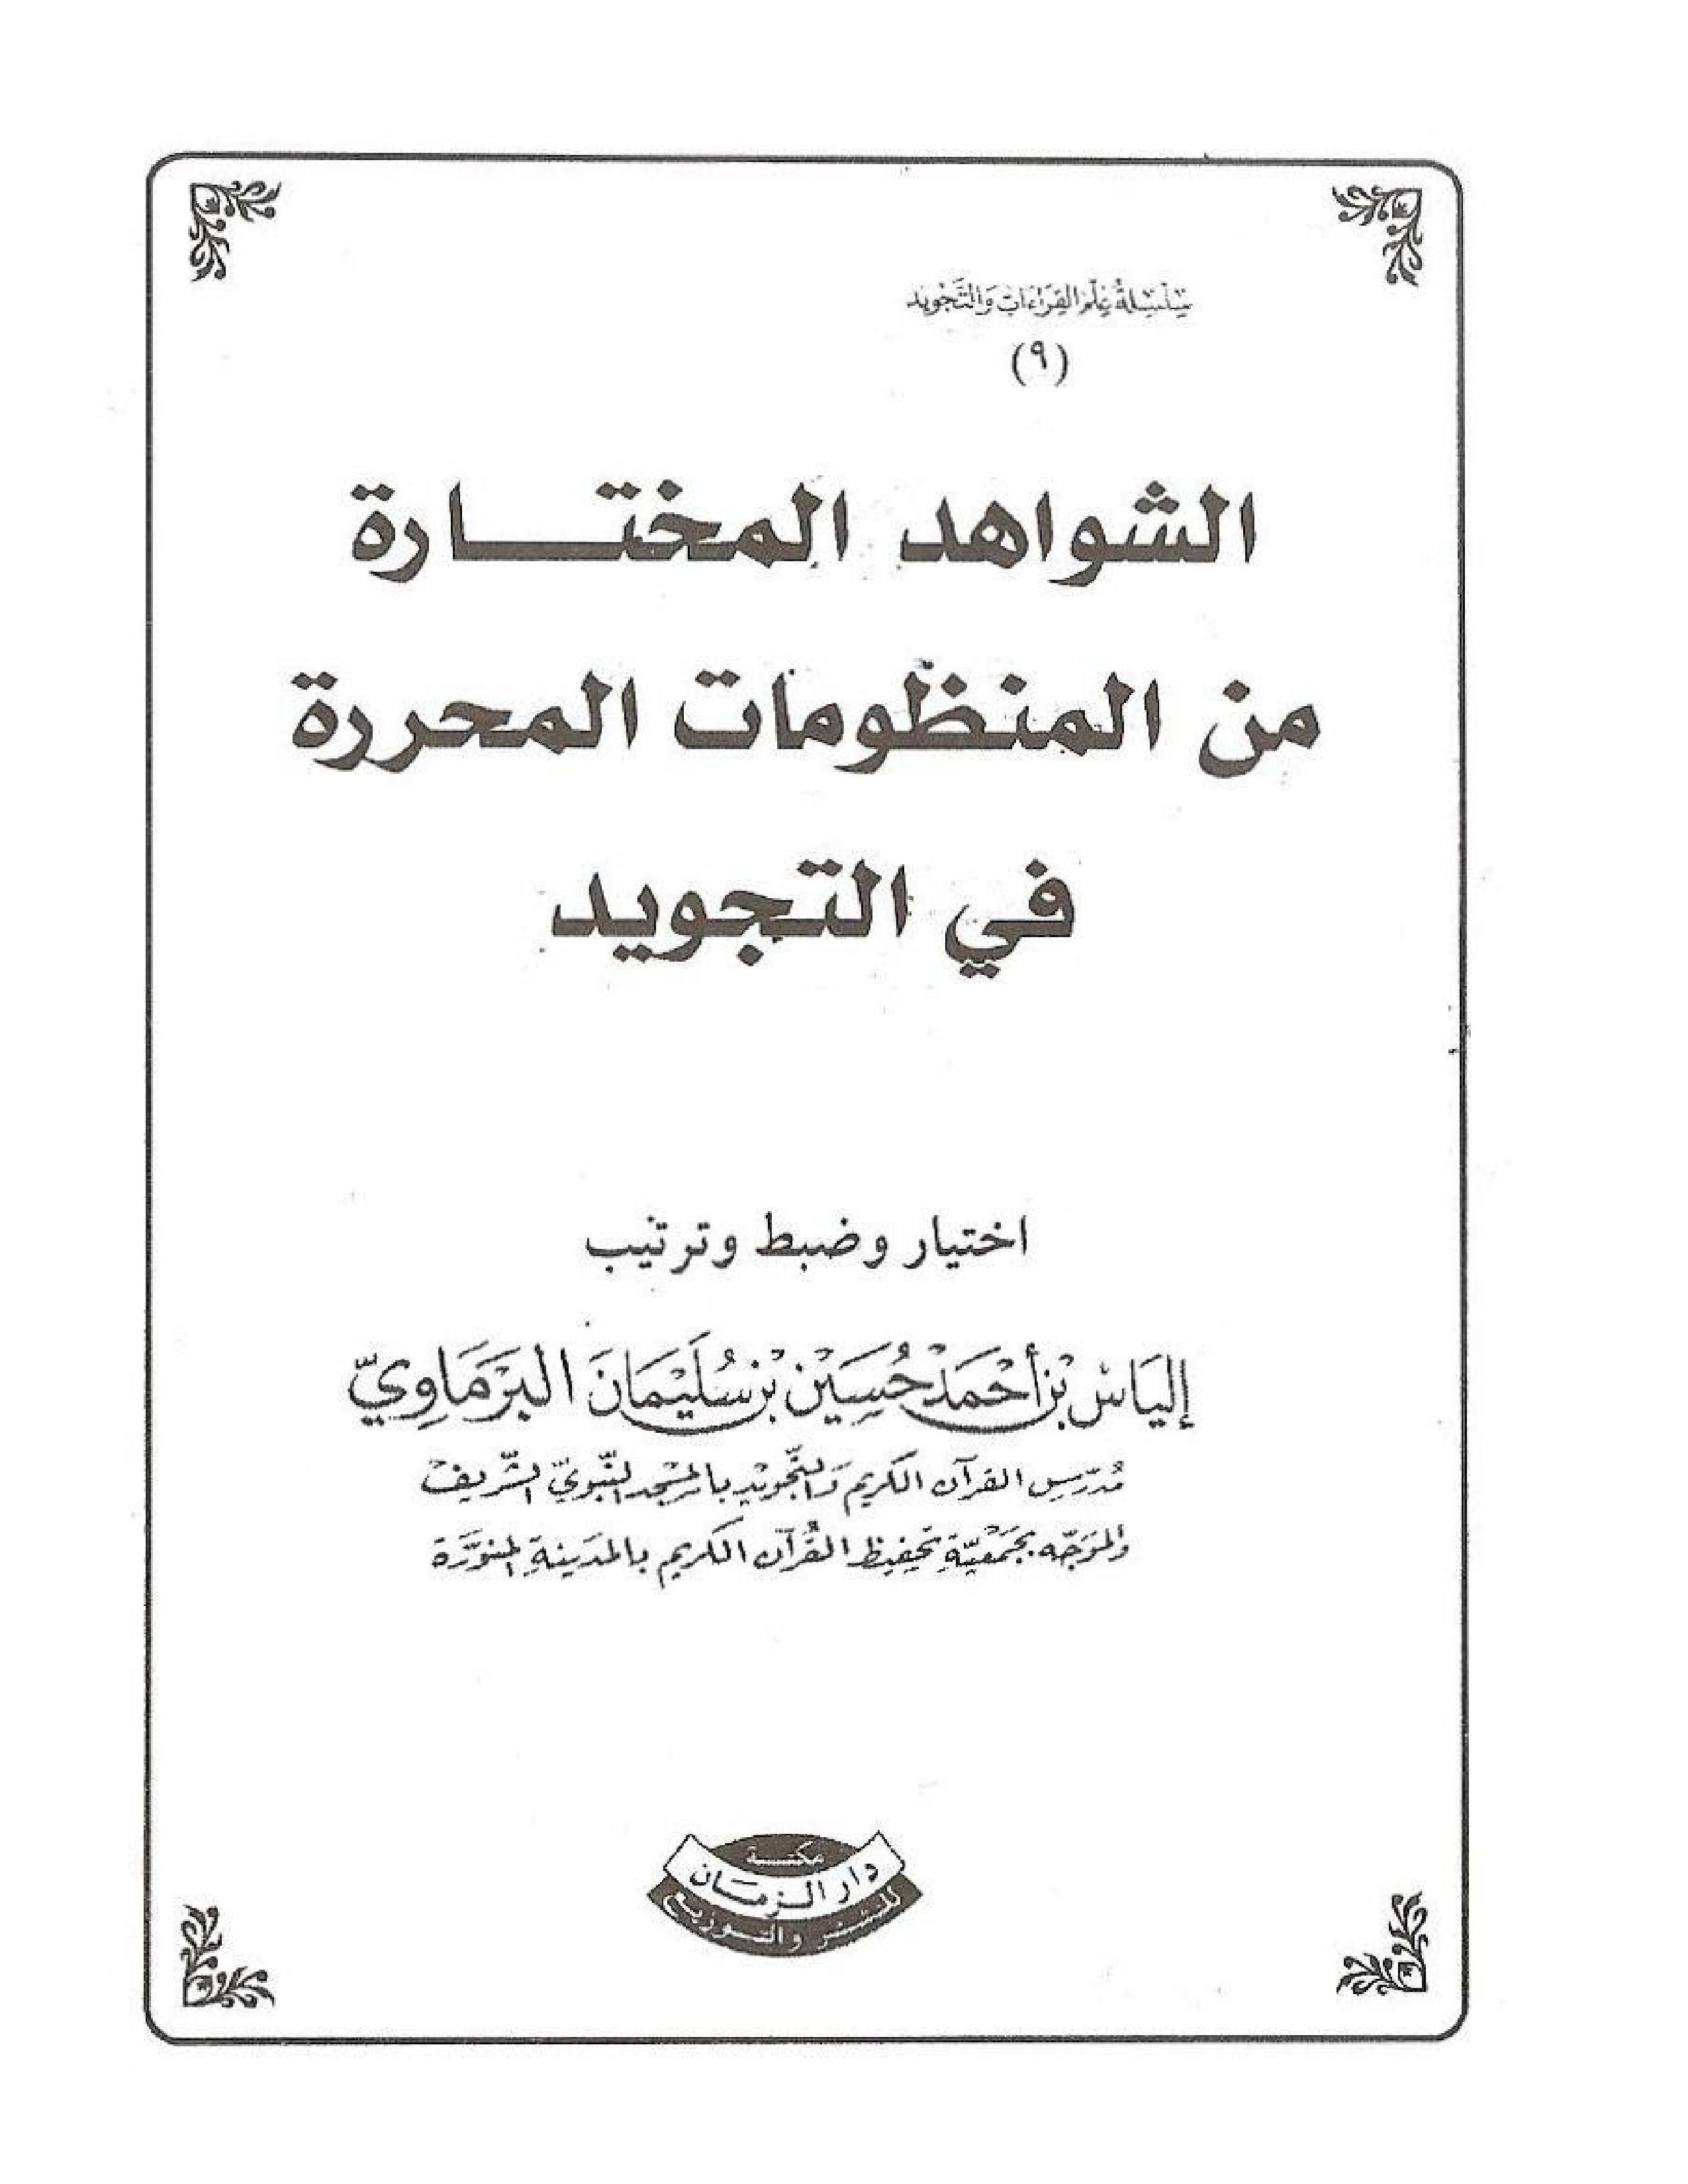 تحميل كتاب الشواهد المختارة من المنظومات المحررة في التجويد لـِ: الشيخ إلياس بن أحمد حسين بن سليمان البرماوي